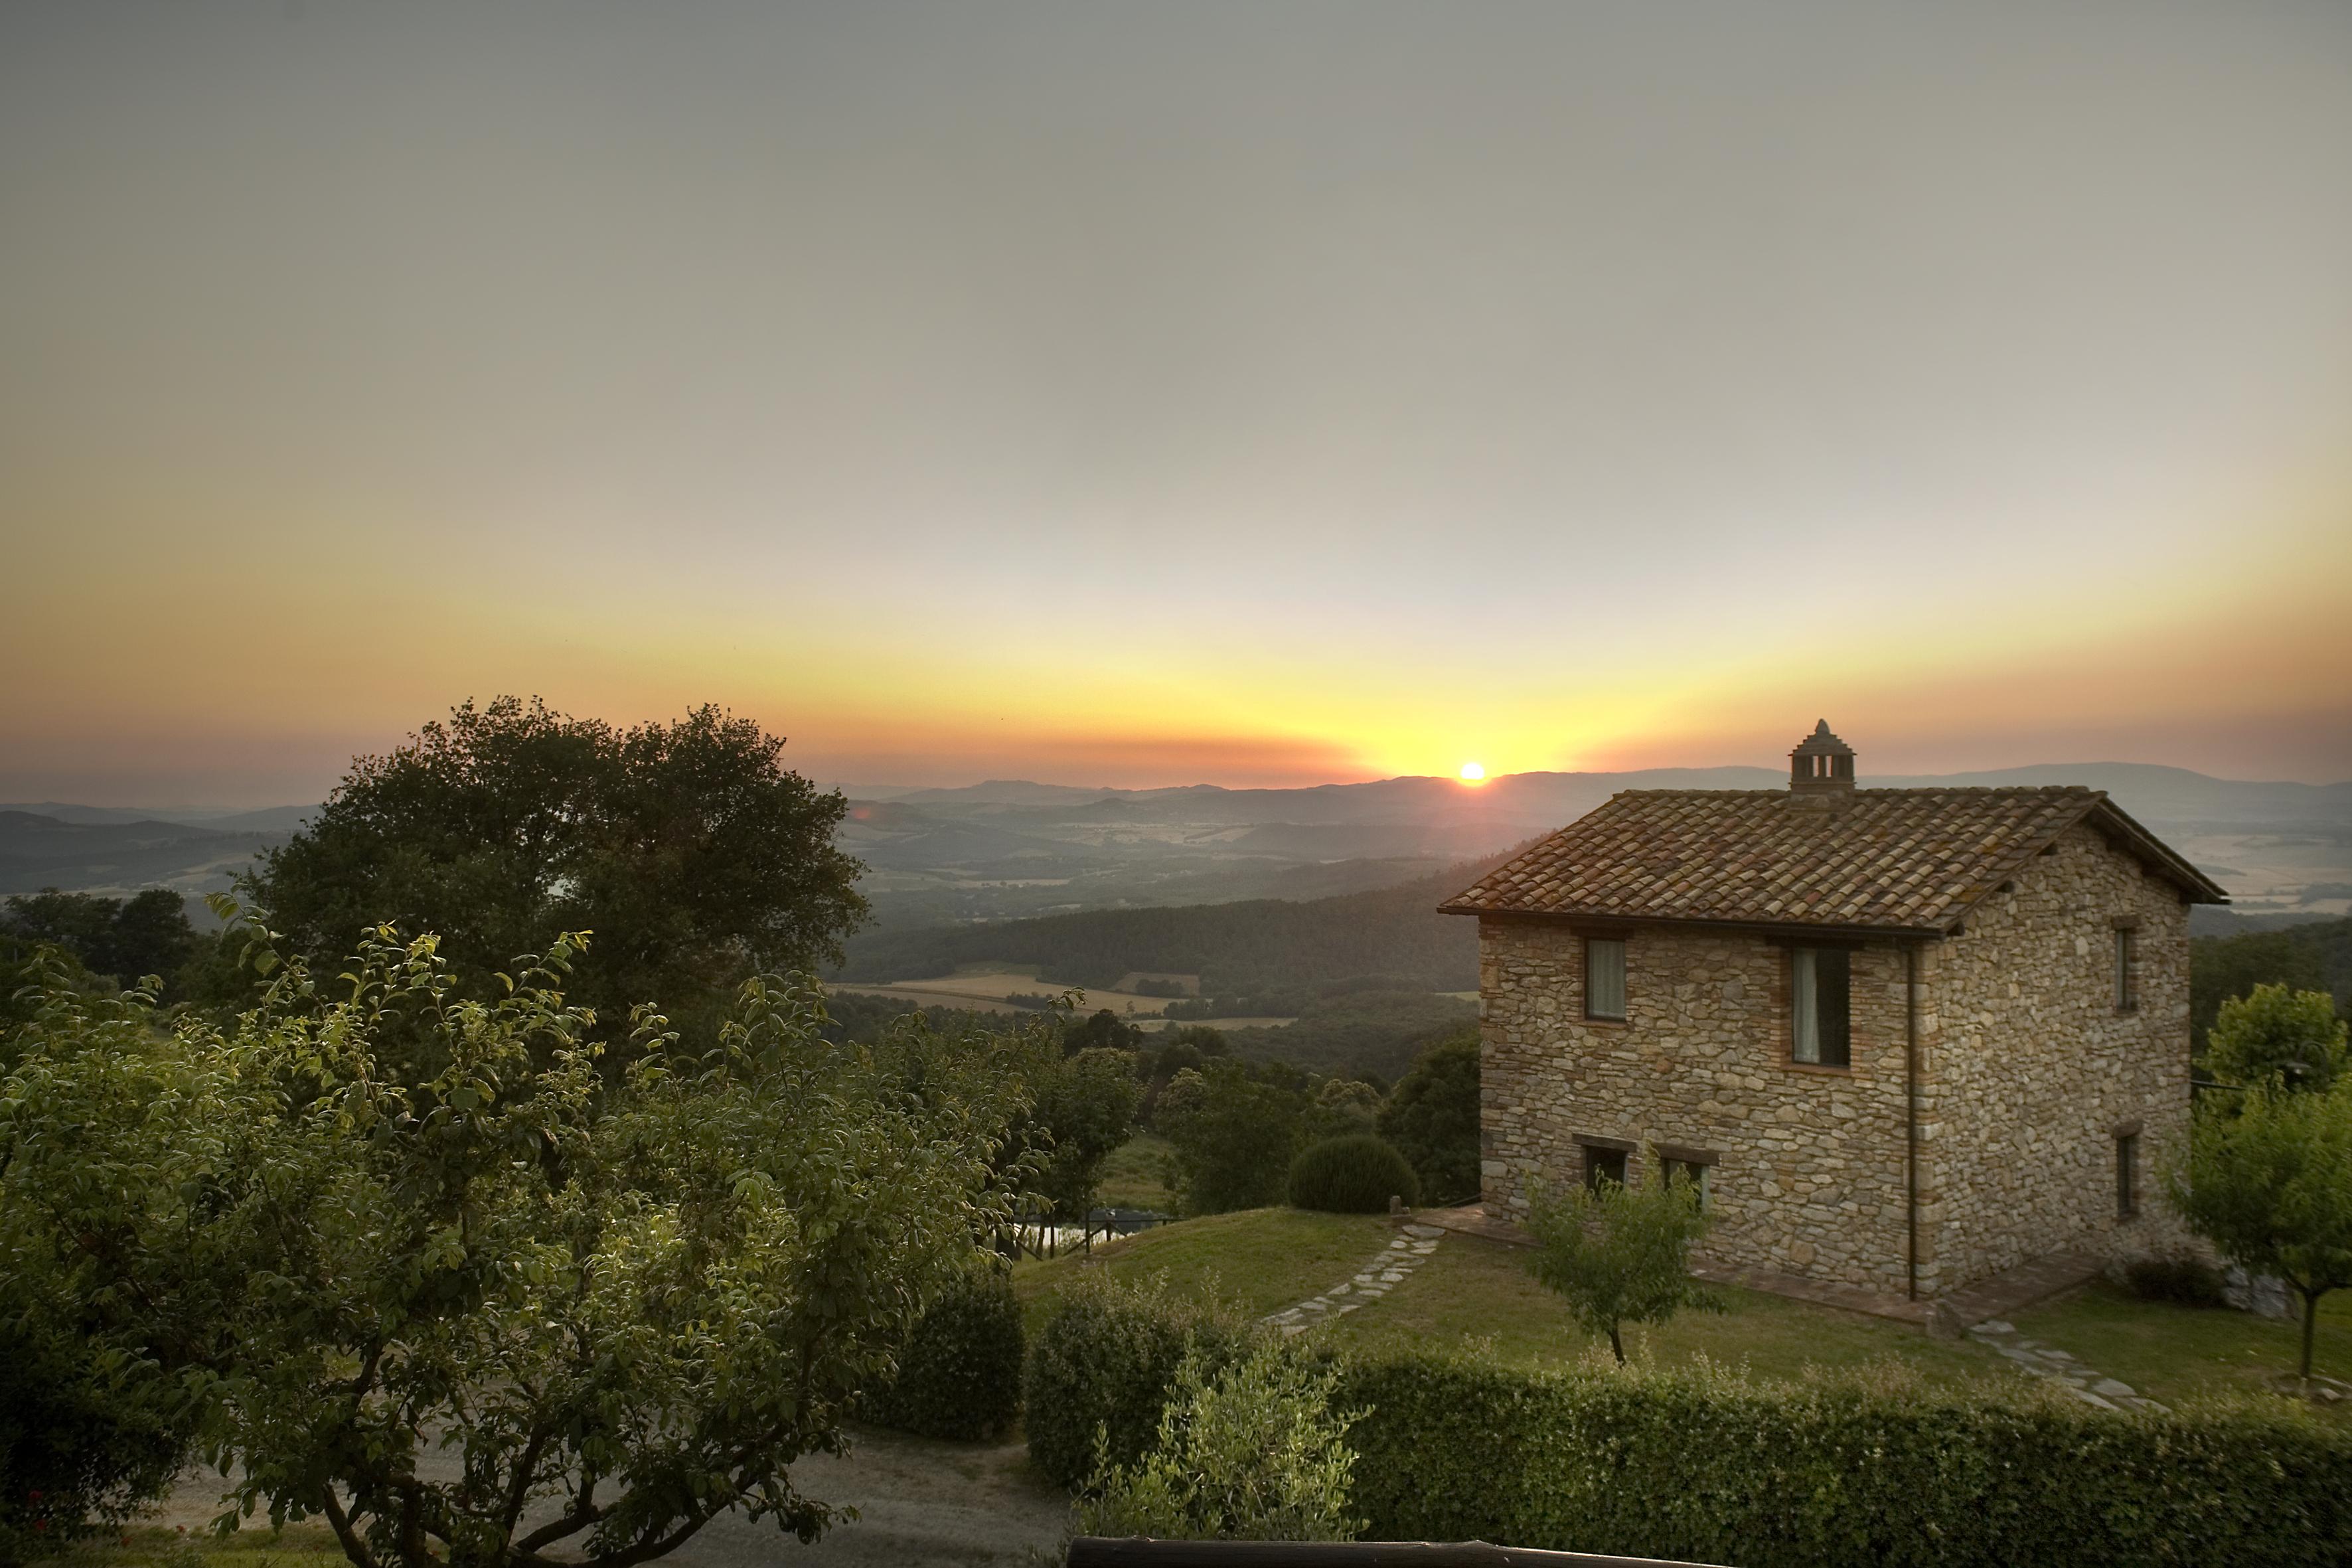 La nostra casa vacanze è situata su una collina nel cuore nella campagna toscana.